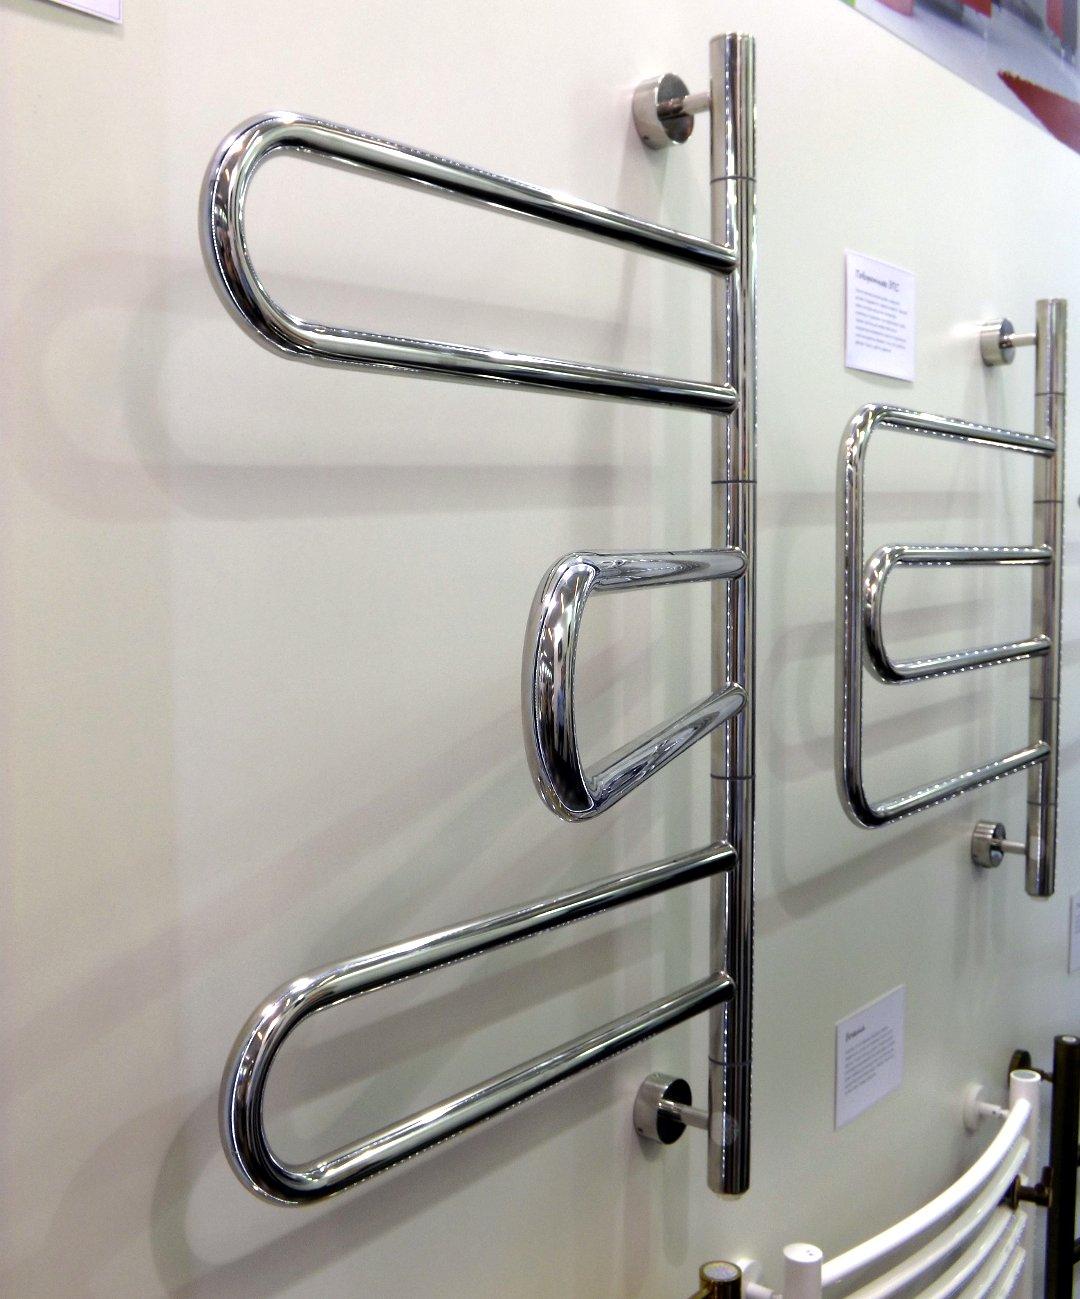 Поворотные электрические полотенцесушители «Парео» и «Компакт» (слева направо) от «Сунержа» на международной строительной выставке «МосБилд 2016»